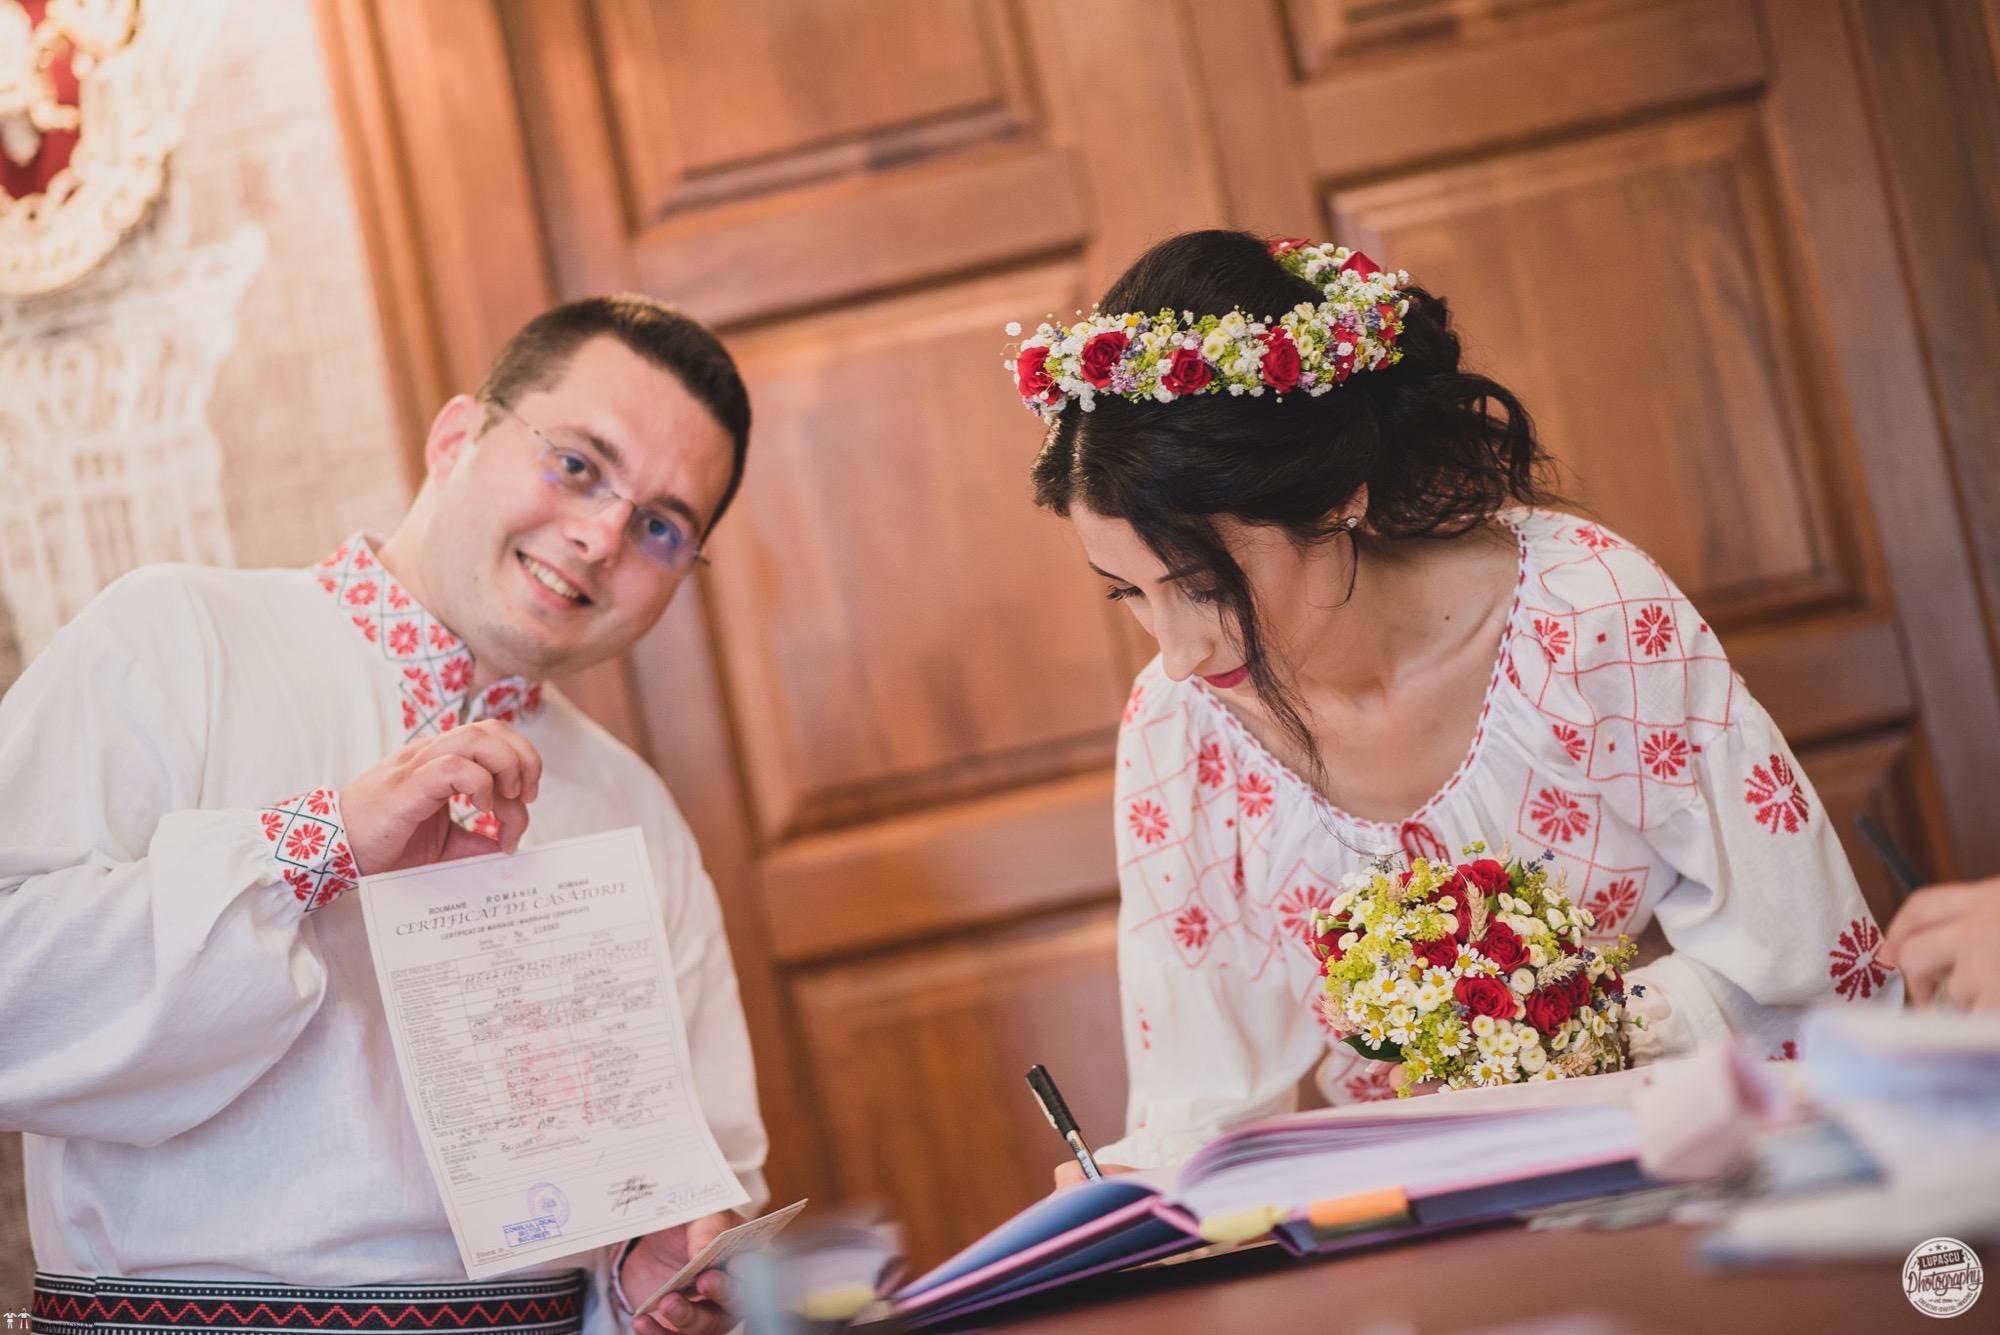 Povești Nunți Tradiționale - Georgiana și Adrian. Nuntă tradițională în București. 19